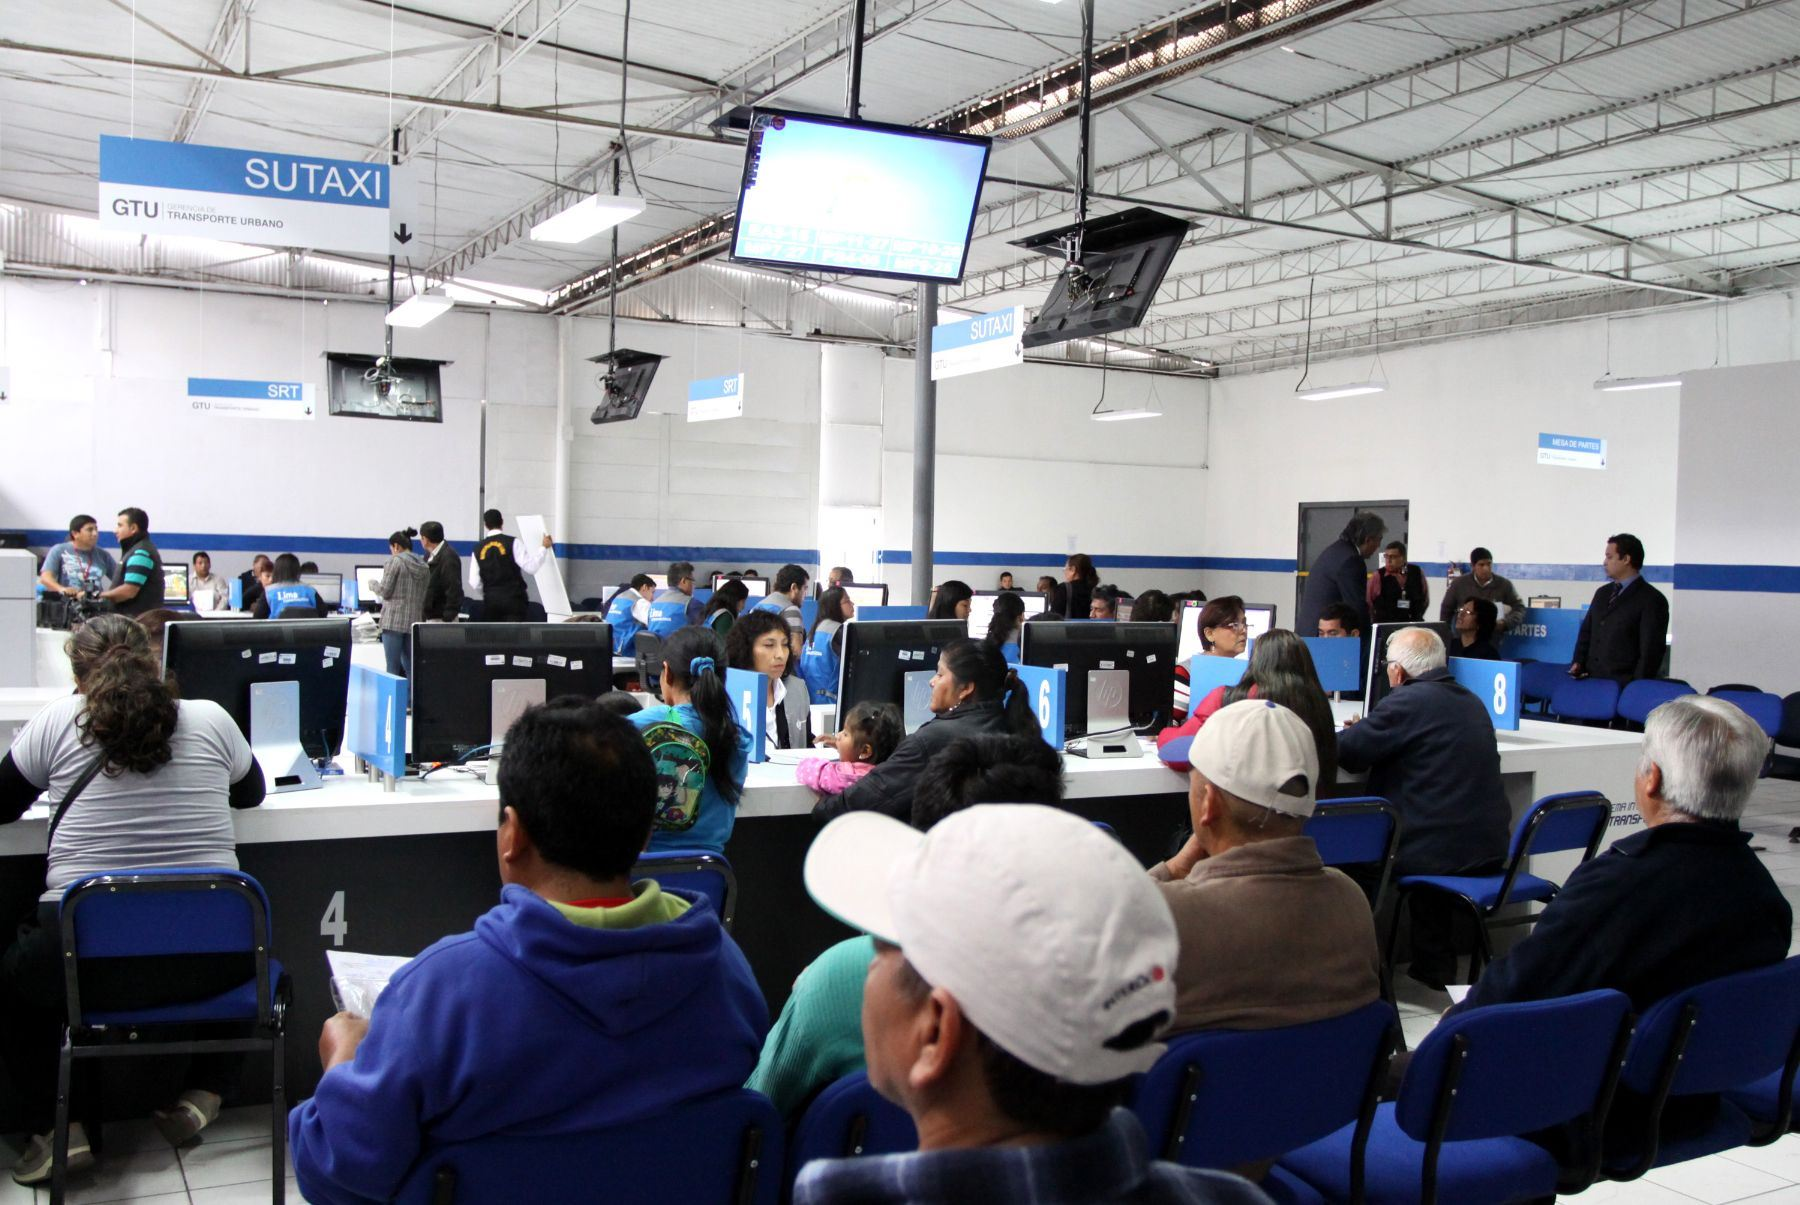 La Oficina Regional del Indecopi en Loreto, con el apoyo de la Secretaría Técnica Regional de Eliminación de Barreras Burocráticas, logró que la Municipalidad Provincial de Maynas elimine 99 barreras burocráticas ilegales contenidas en 79 procedimientos que figuraban en su Texto Único de Procedimientos Administrativos (TUPA). ANDINA/archivo